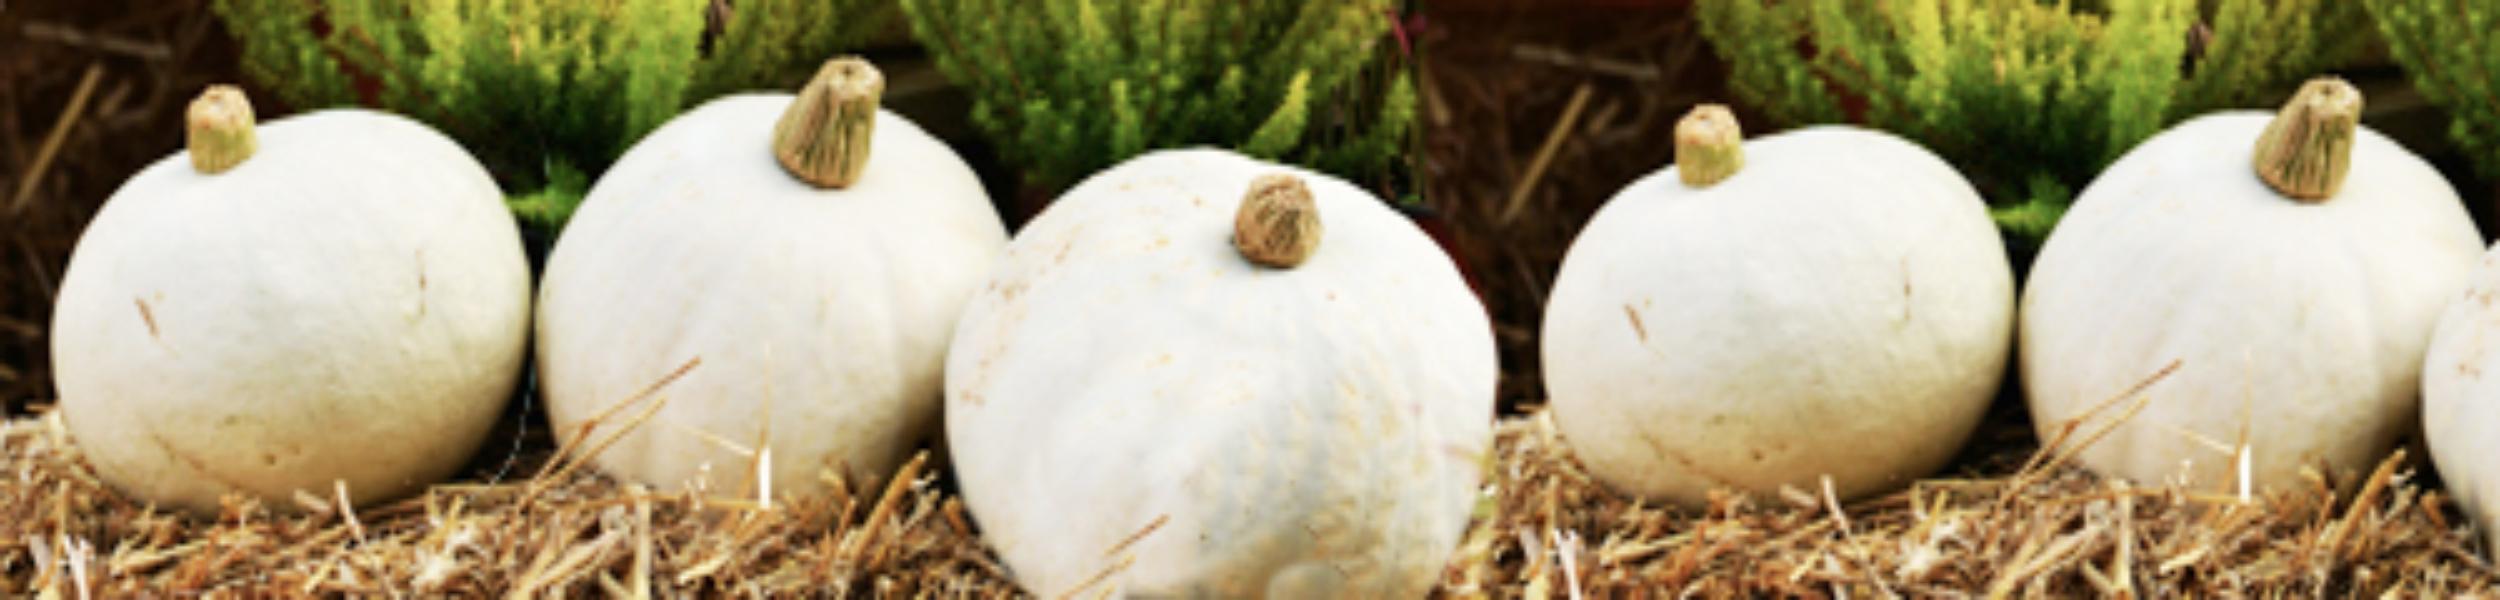 autumn slider pumpkins kcb